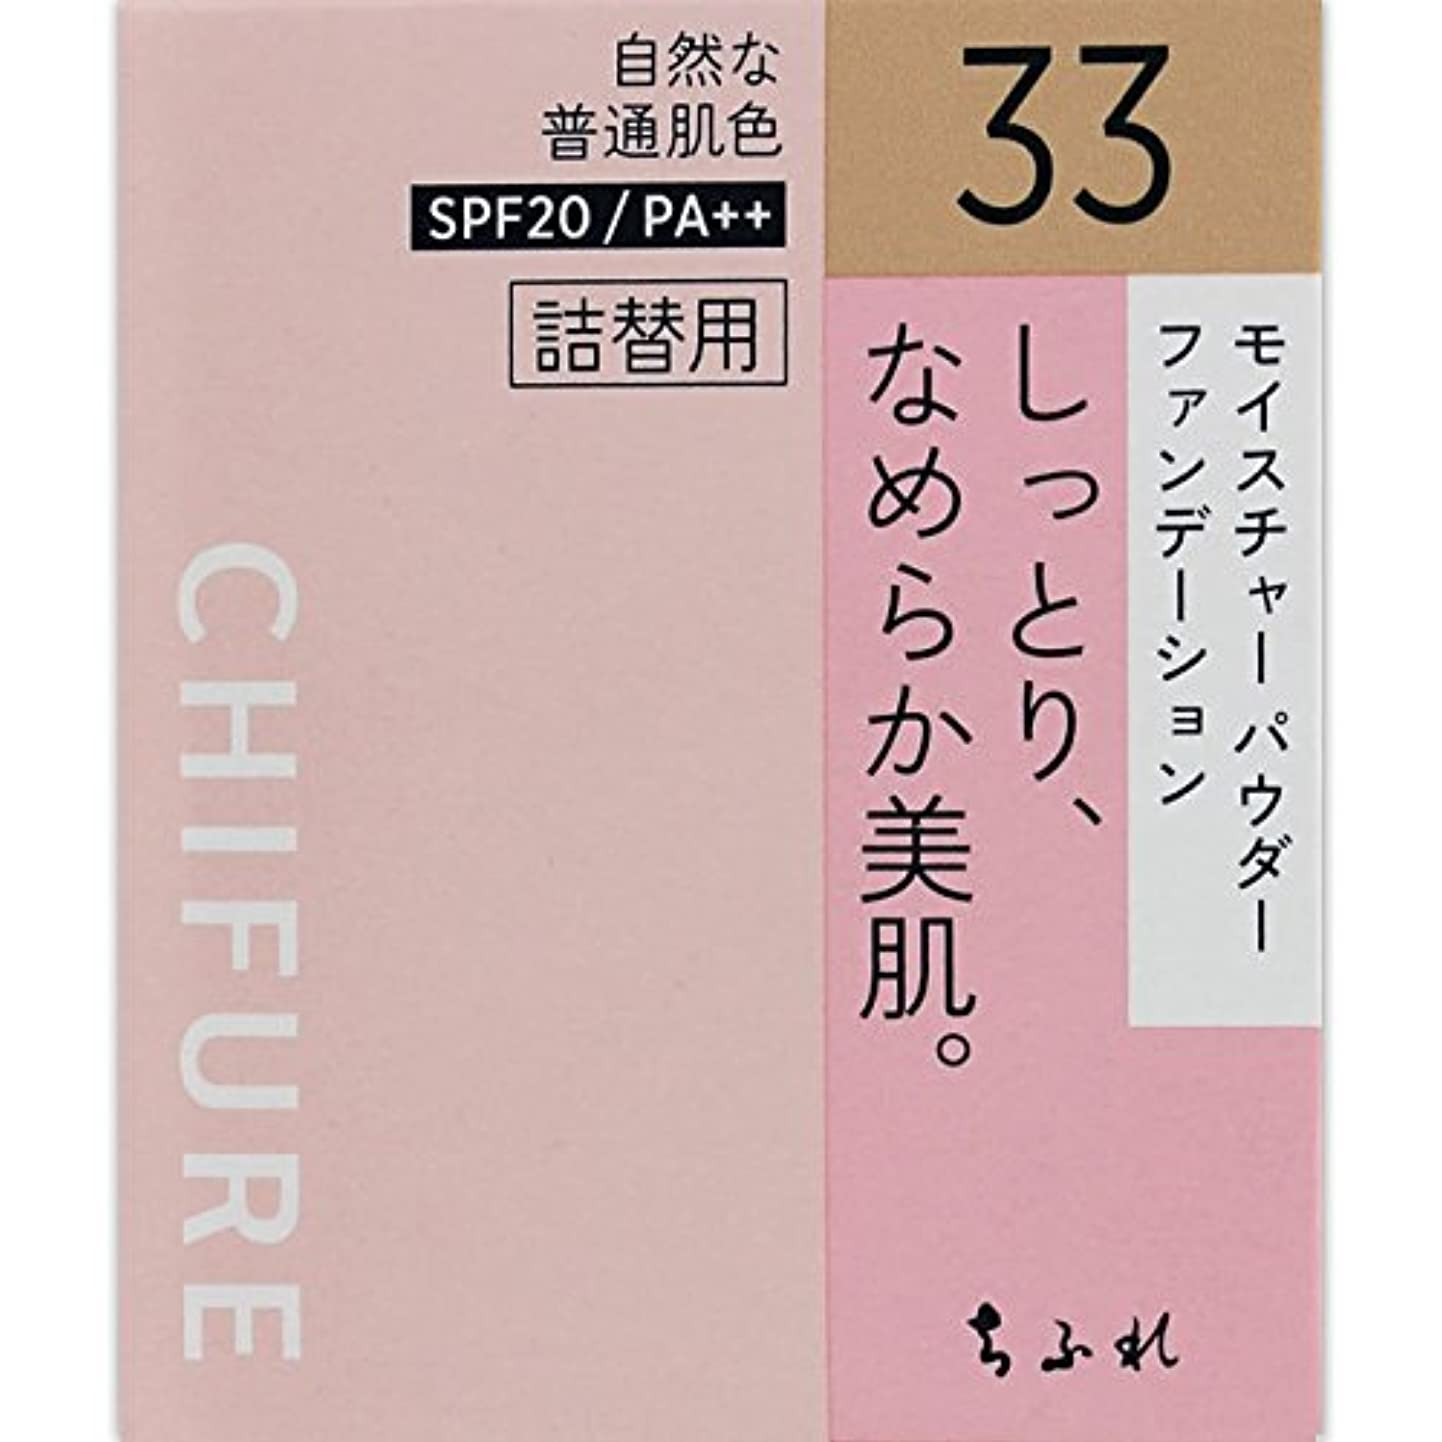 パーツ初期に向かってちふれ化粧品 モイスチャー パウダーファンデーション 詰替用 オークル系 MパウダーFD詰替用33